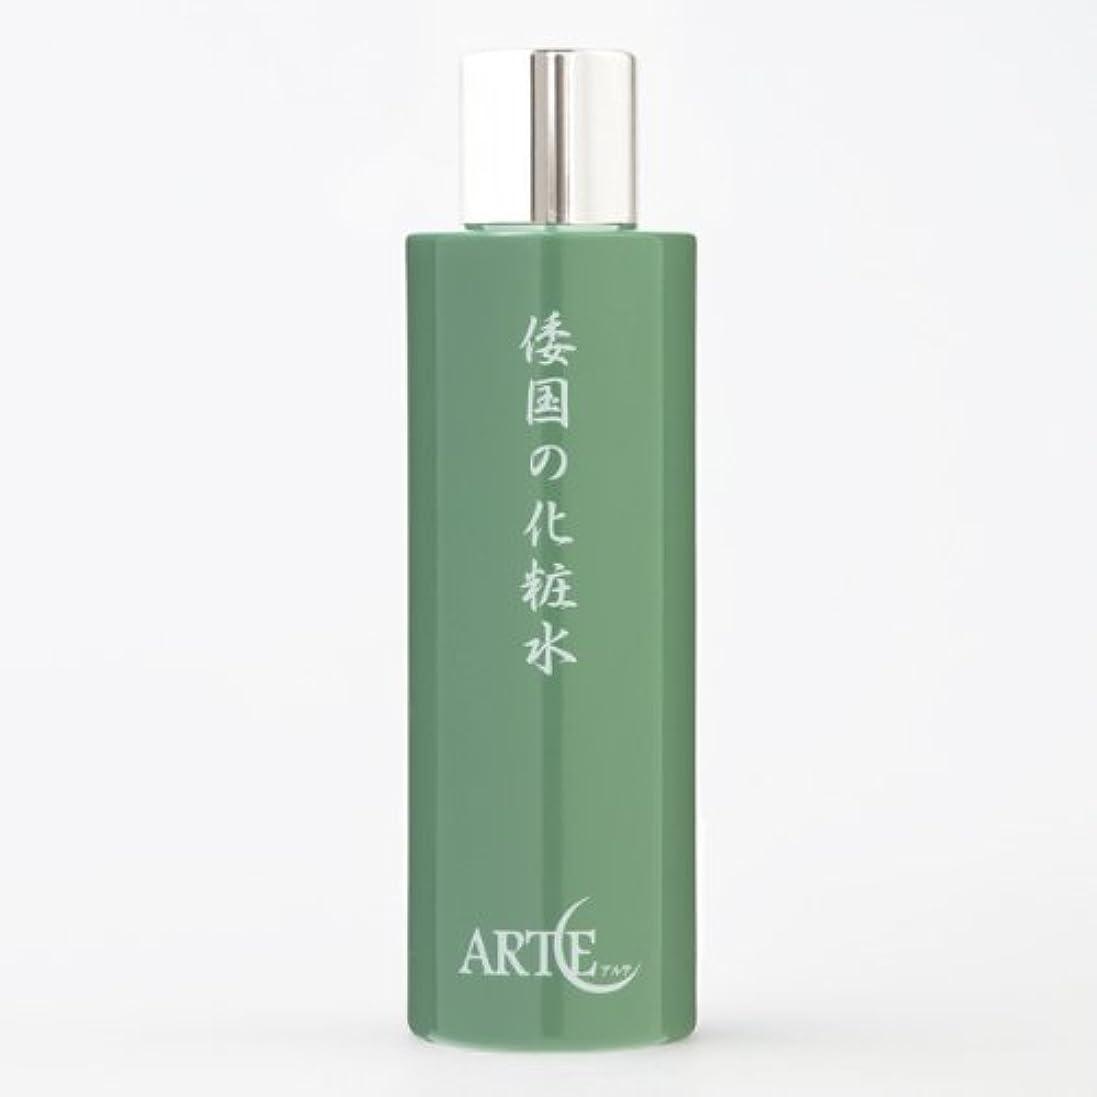 容量専門促すアルテ 倭国の化粧水 敏感肌用 100ml